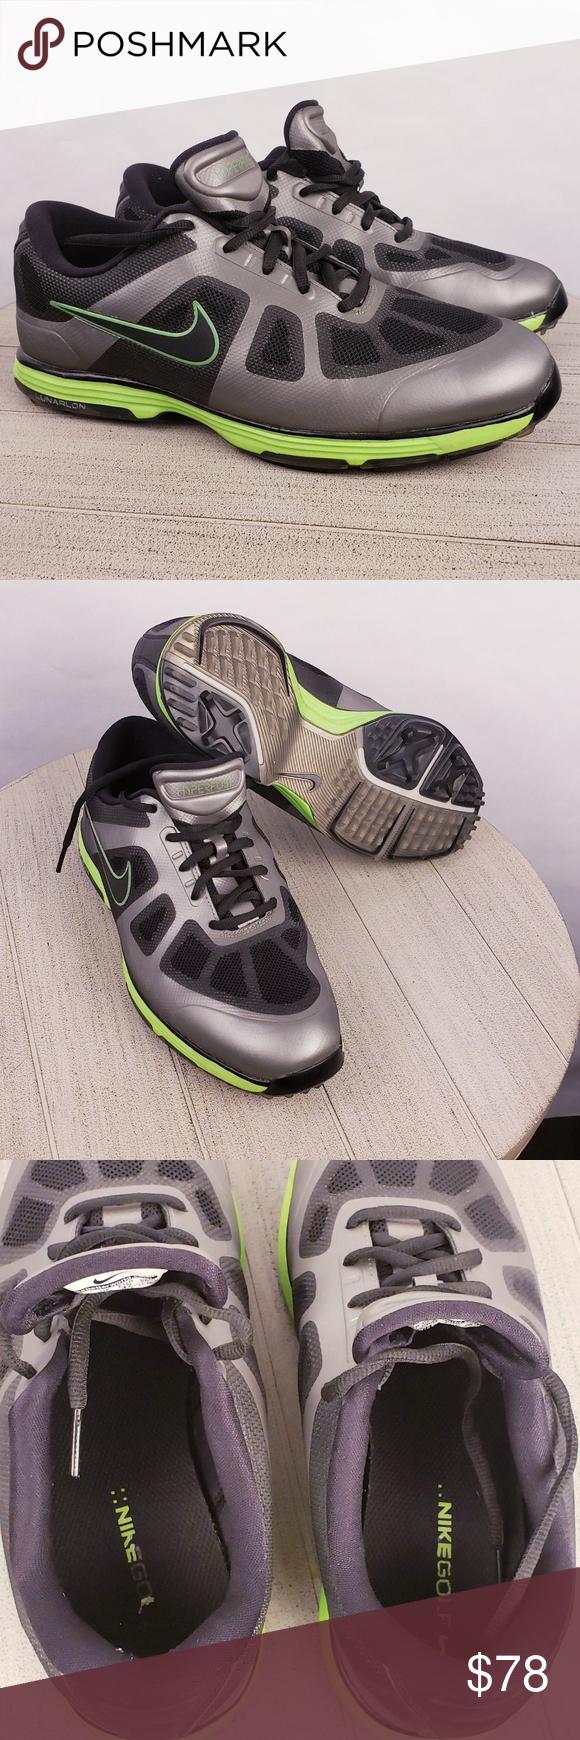 buy online 22821 5efcd Nike Lunar Ascend Golf Shoe - Mens Wide Black Grey Nike Hyperfuse Lunar  Ascend Golf